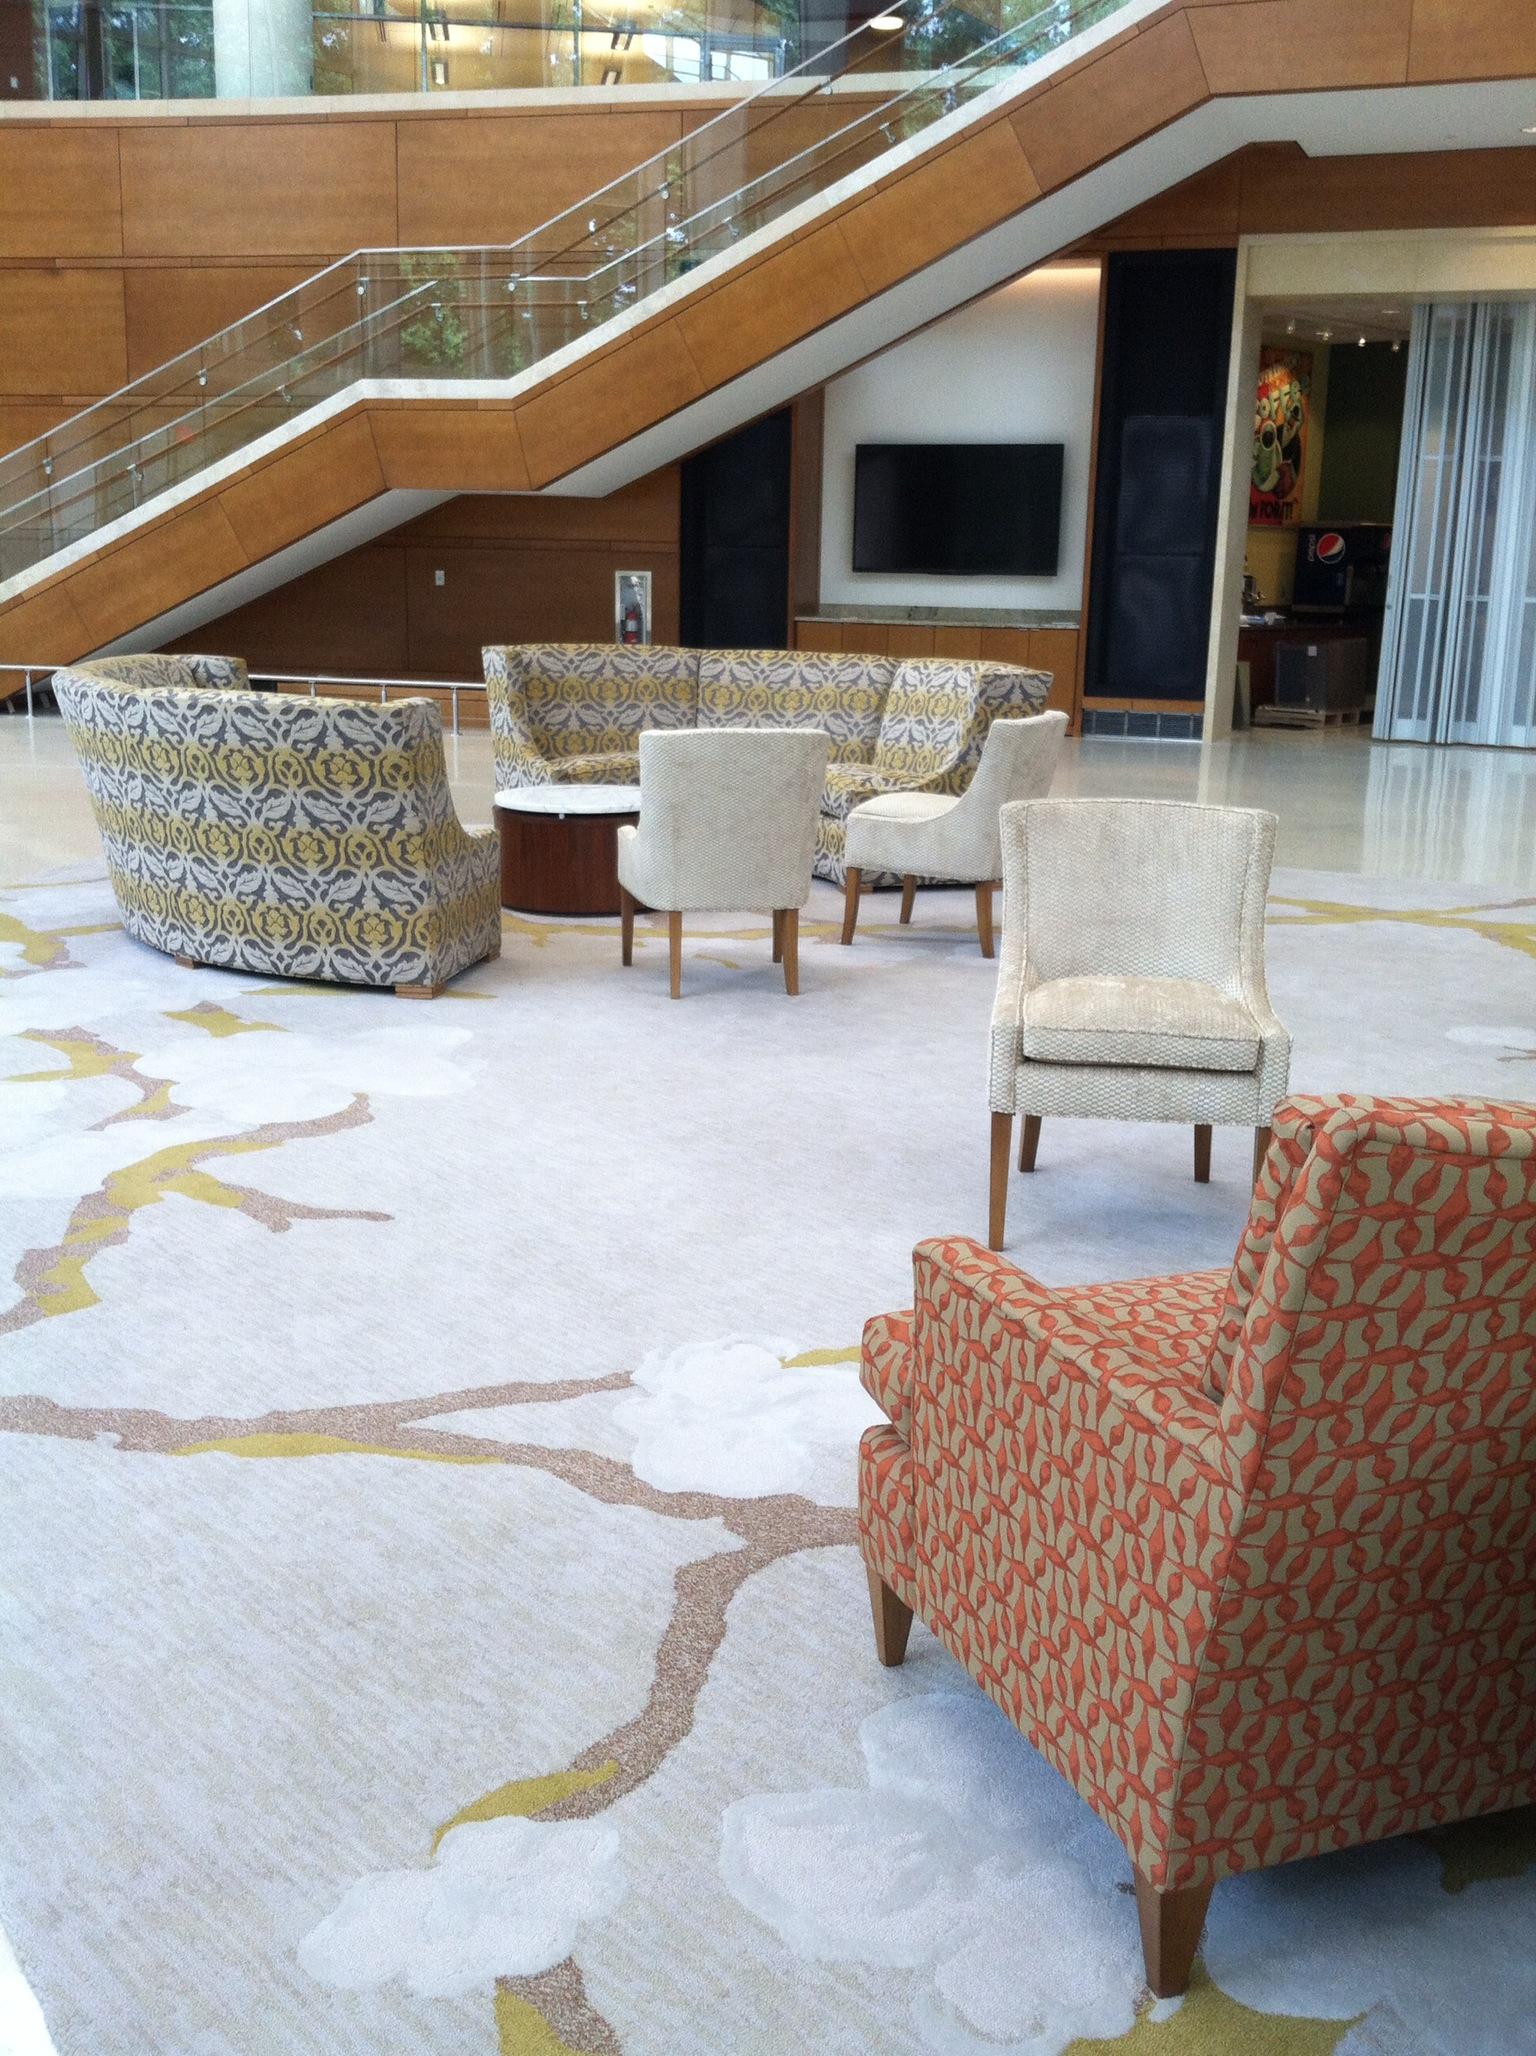 furnituredesigned.com